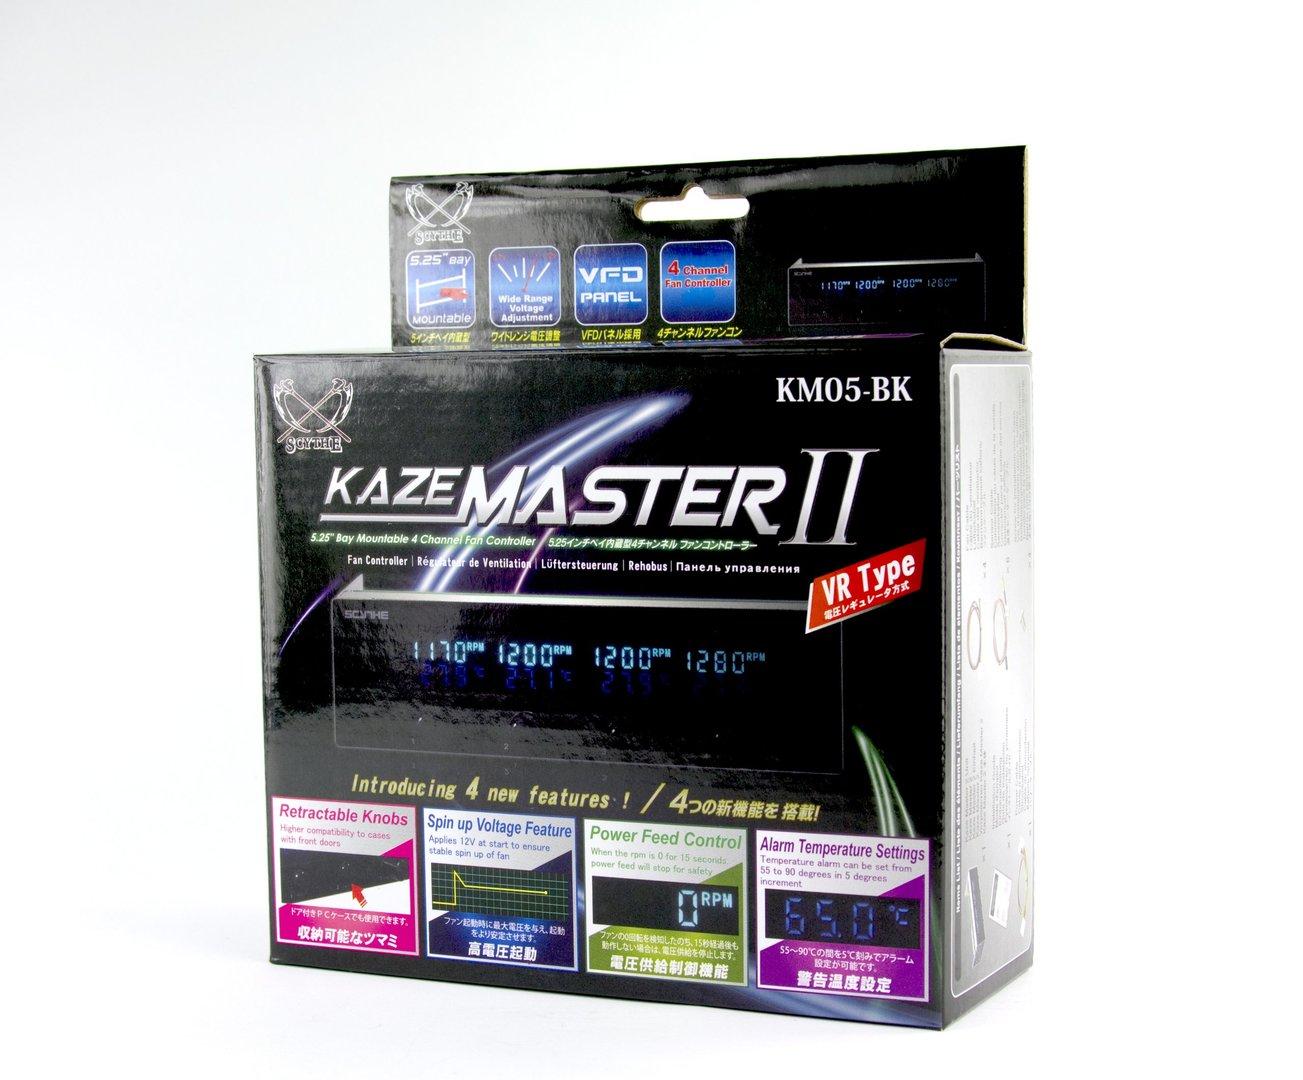 Scythe Kaze Master II